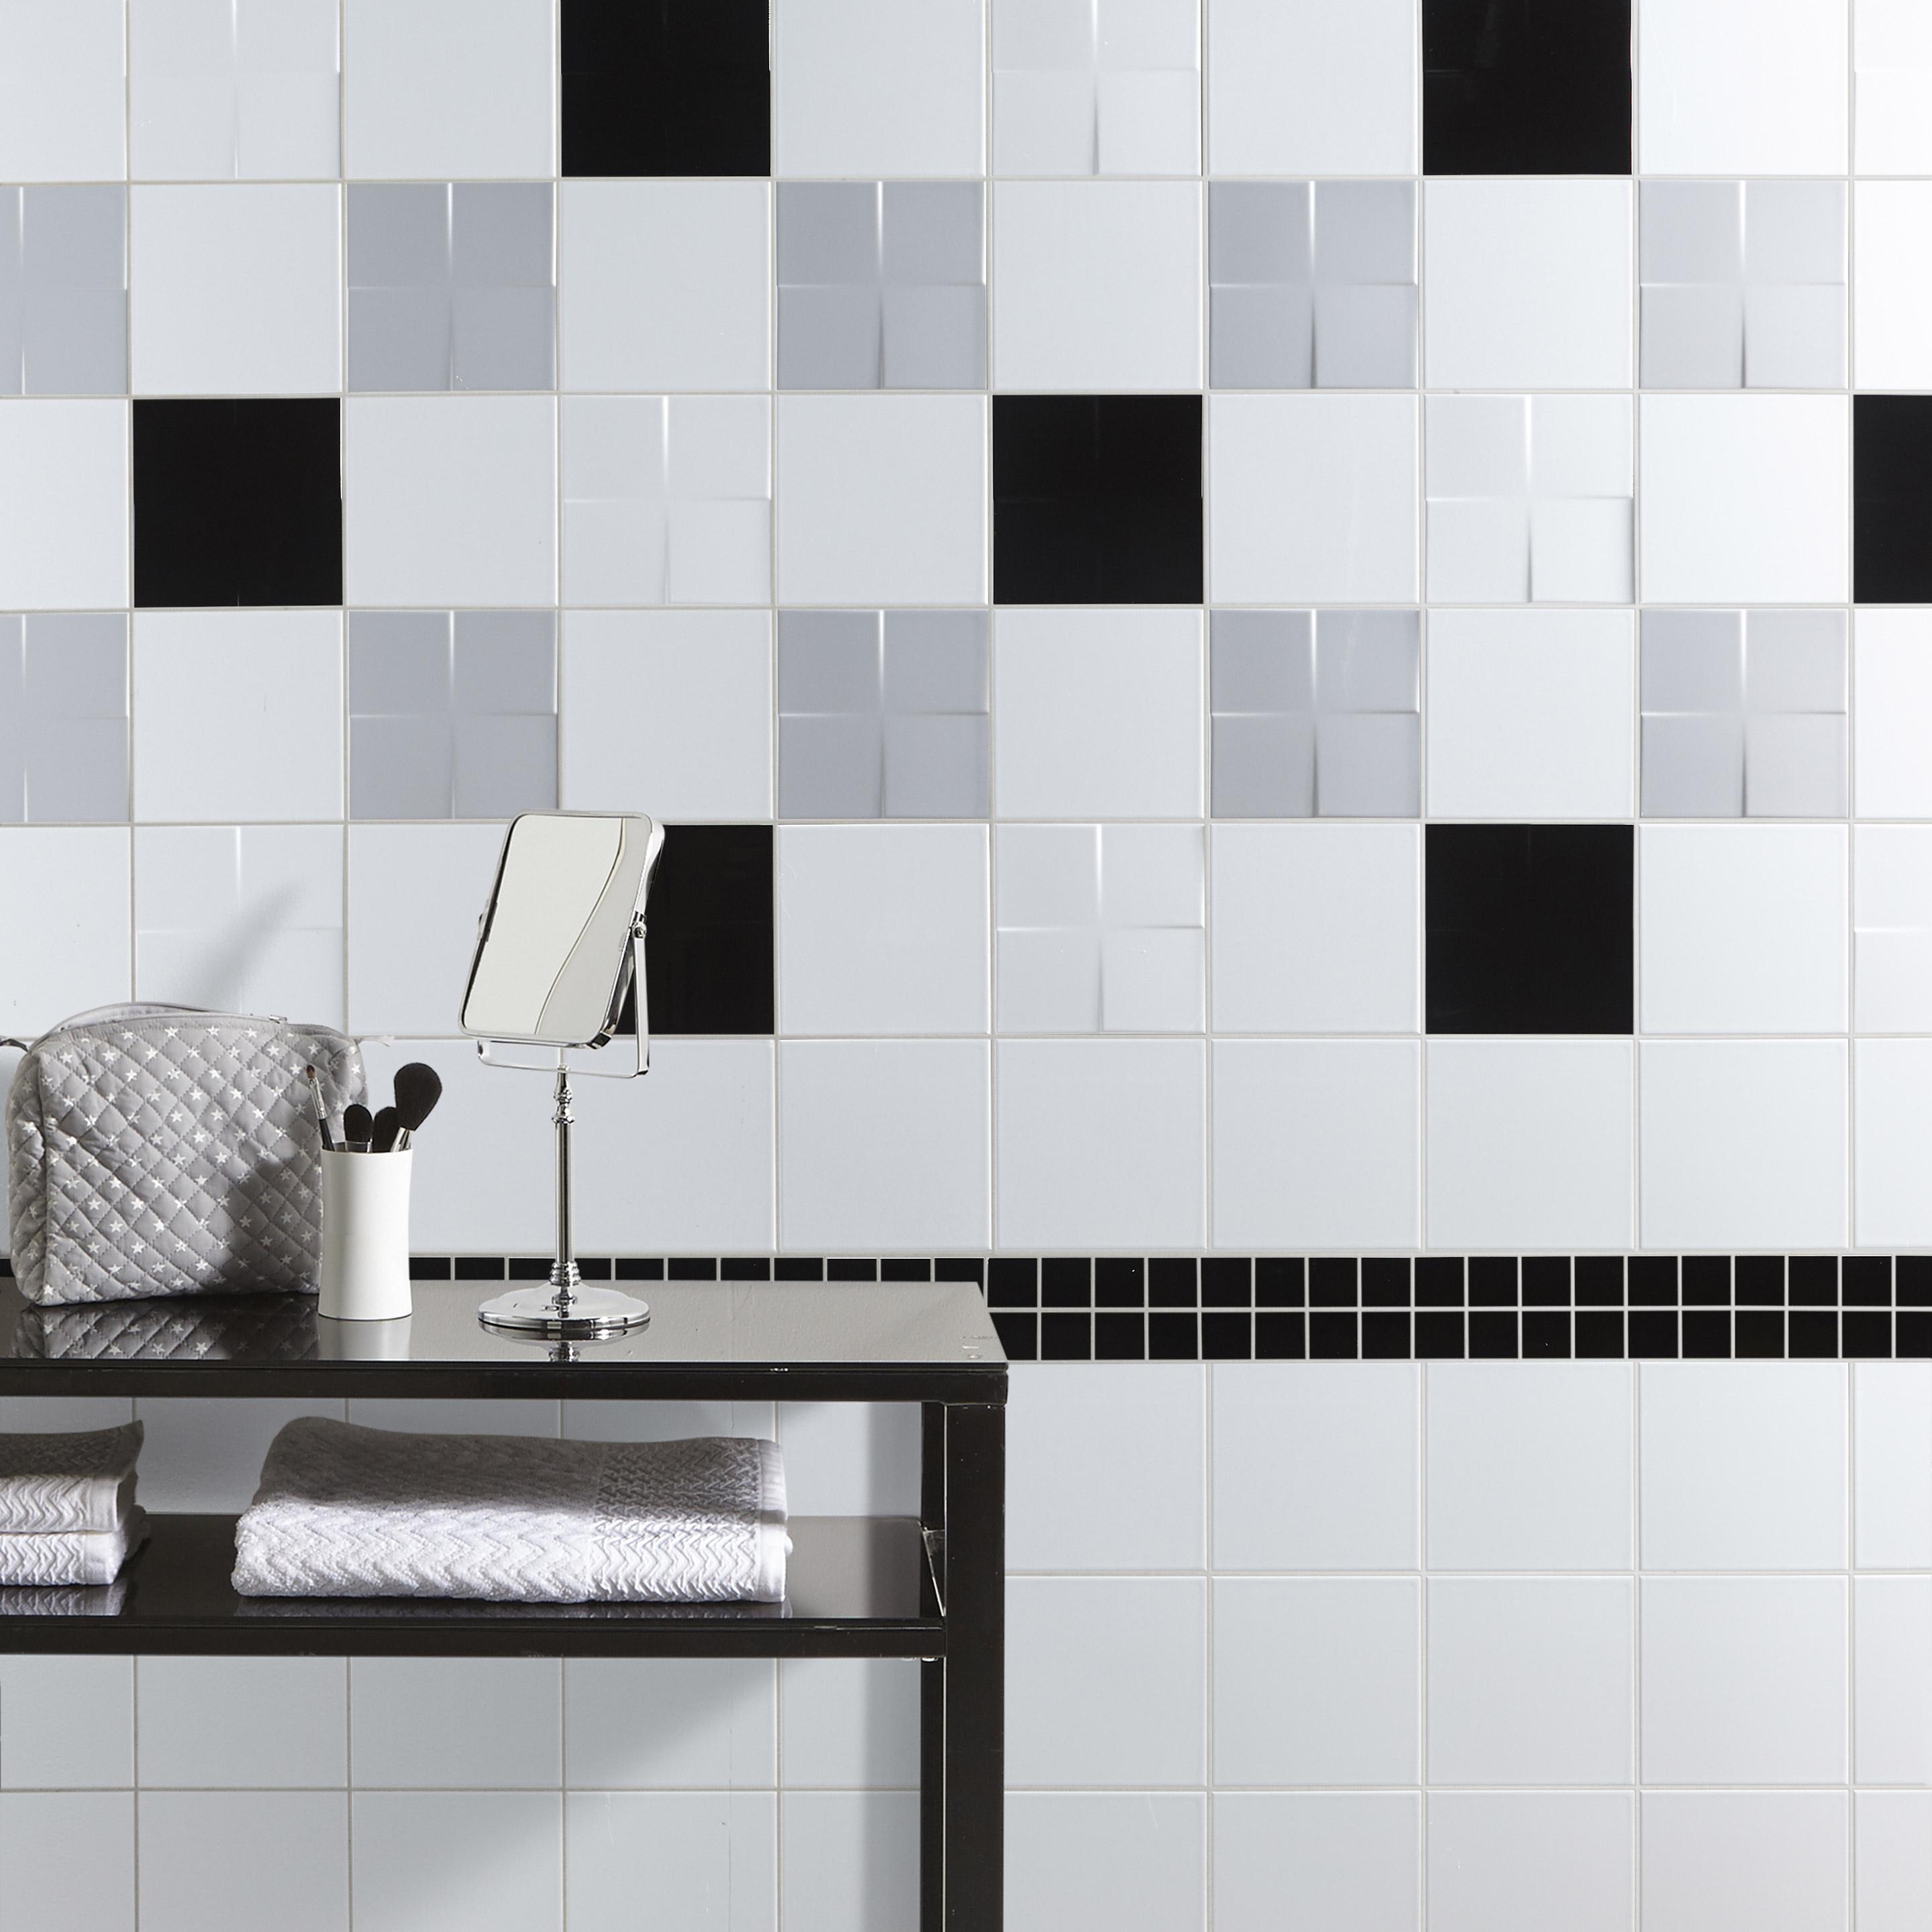 Carrelage mur forte blanc-blanc n°0 brillant l.19.7 x L.19.7 cm, Astuce